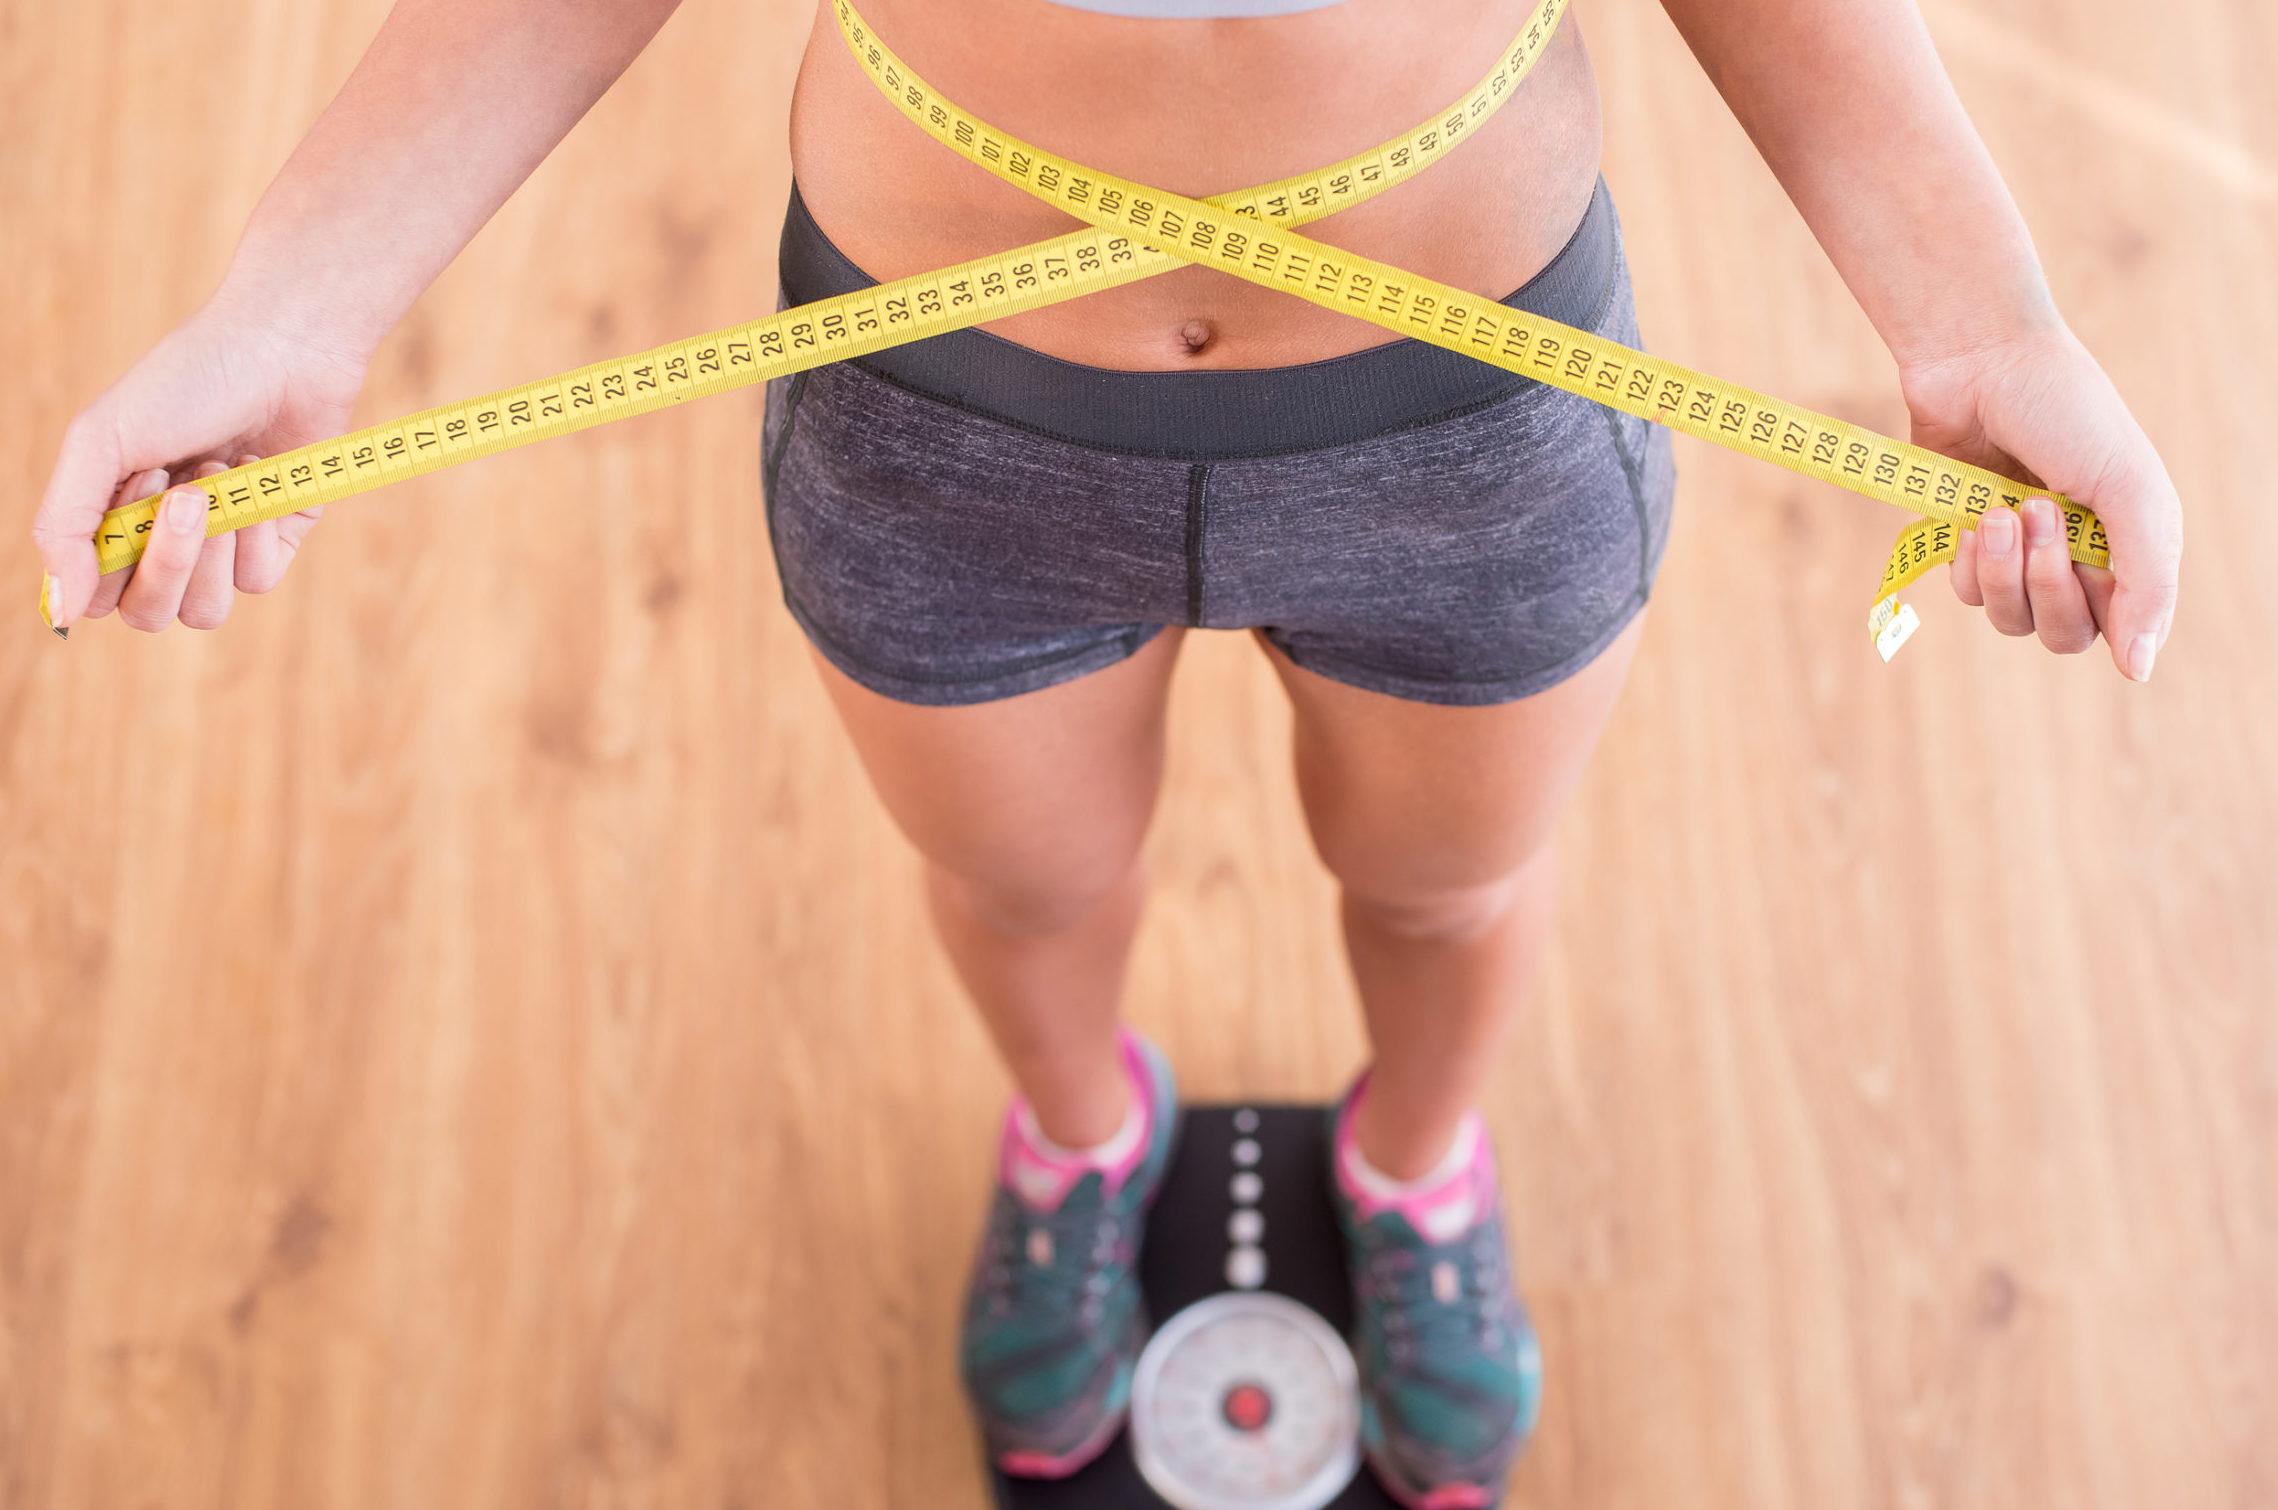 Как Похудеть Быстро Но Надолго. 10 эффективных диет для быстрого похудения: времени нет, а выбор — есть!